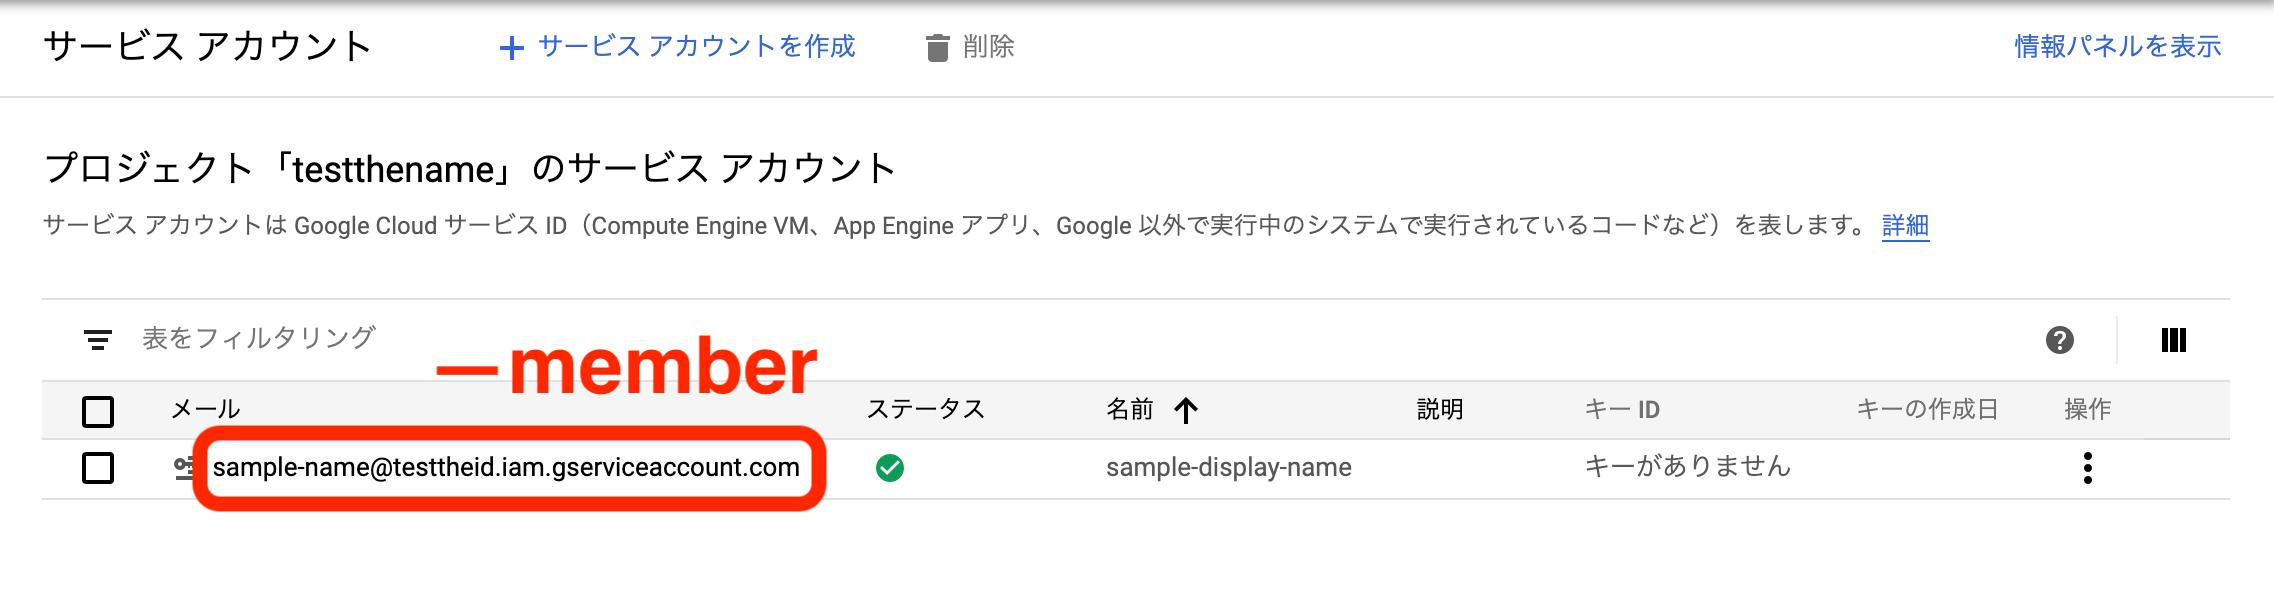 スクリーンショット 2020-02-10 0.16.18.png